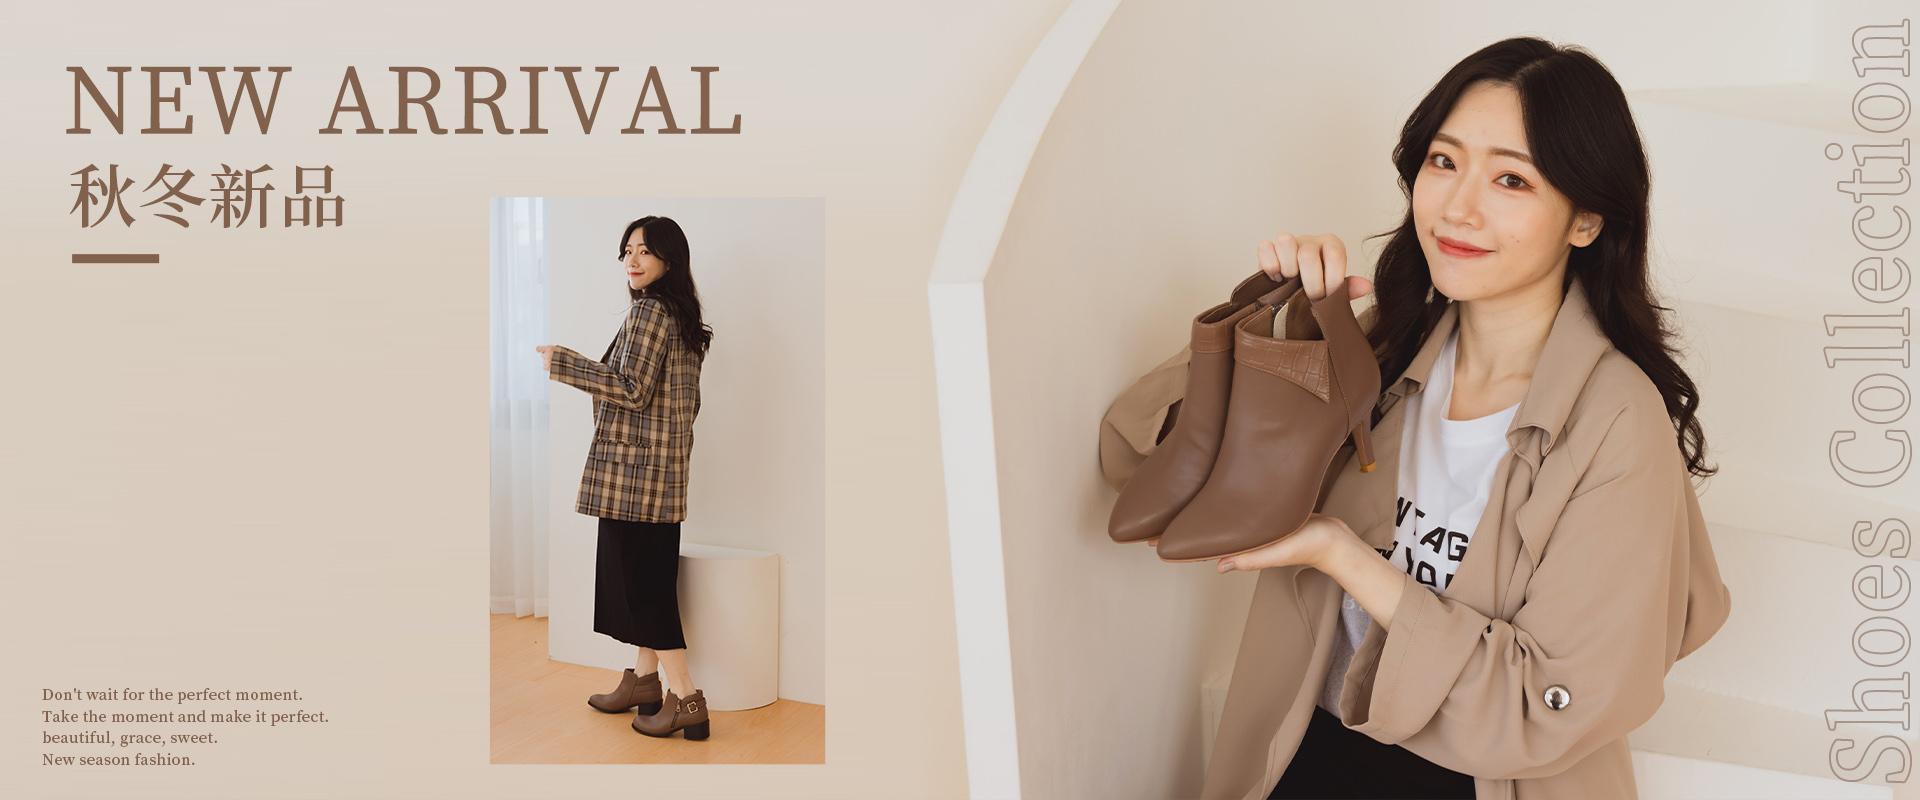 女鞋品牌秋冬新品推薦